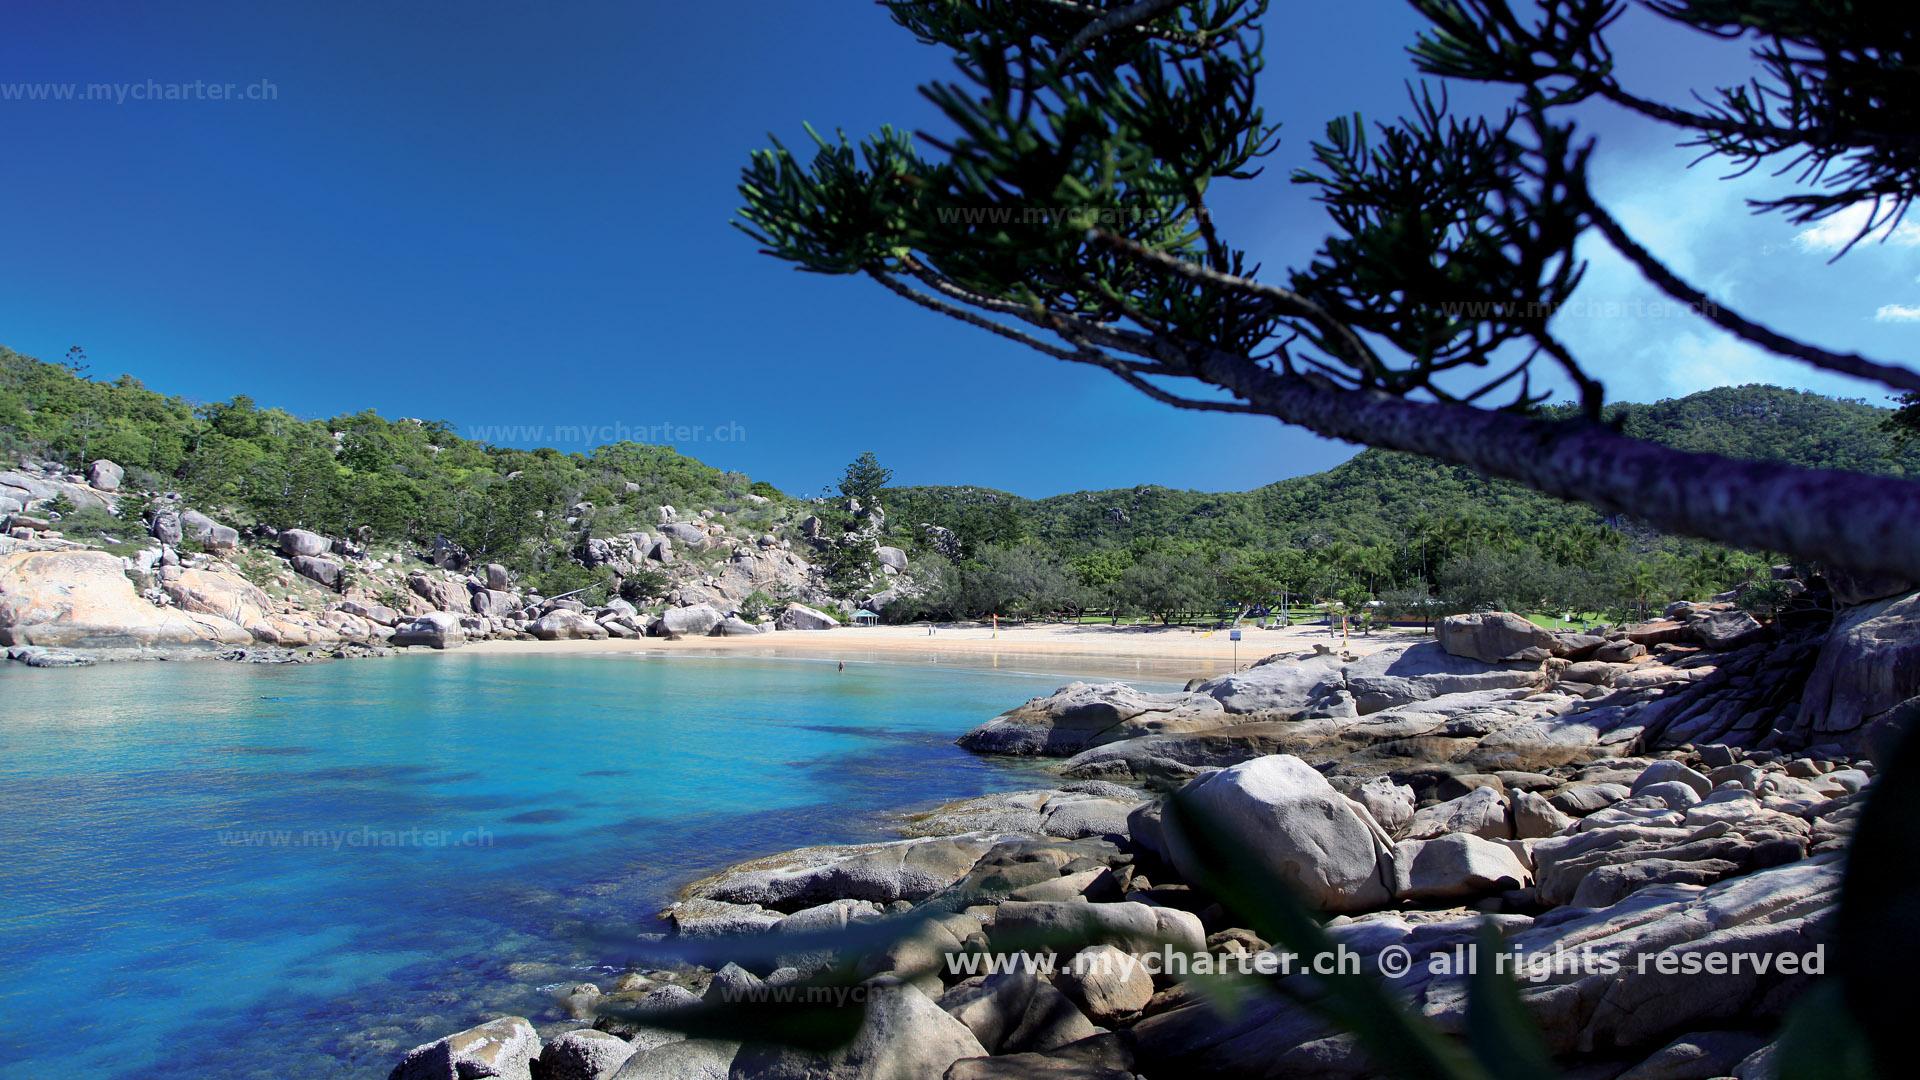 Toern Australien - Magnetic Island